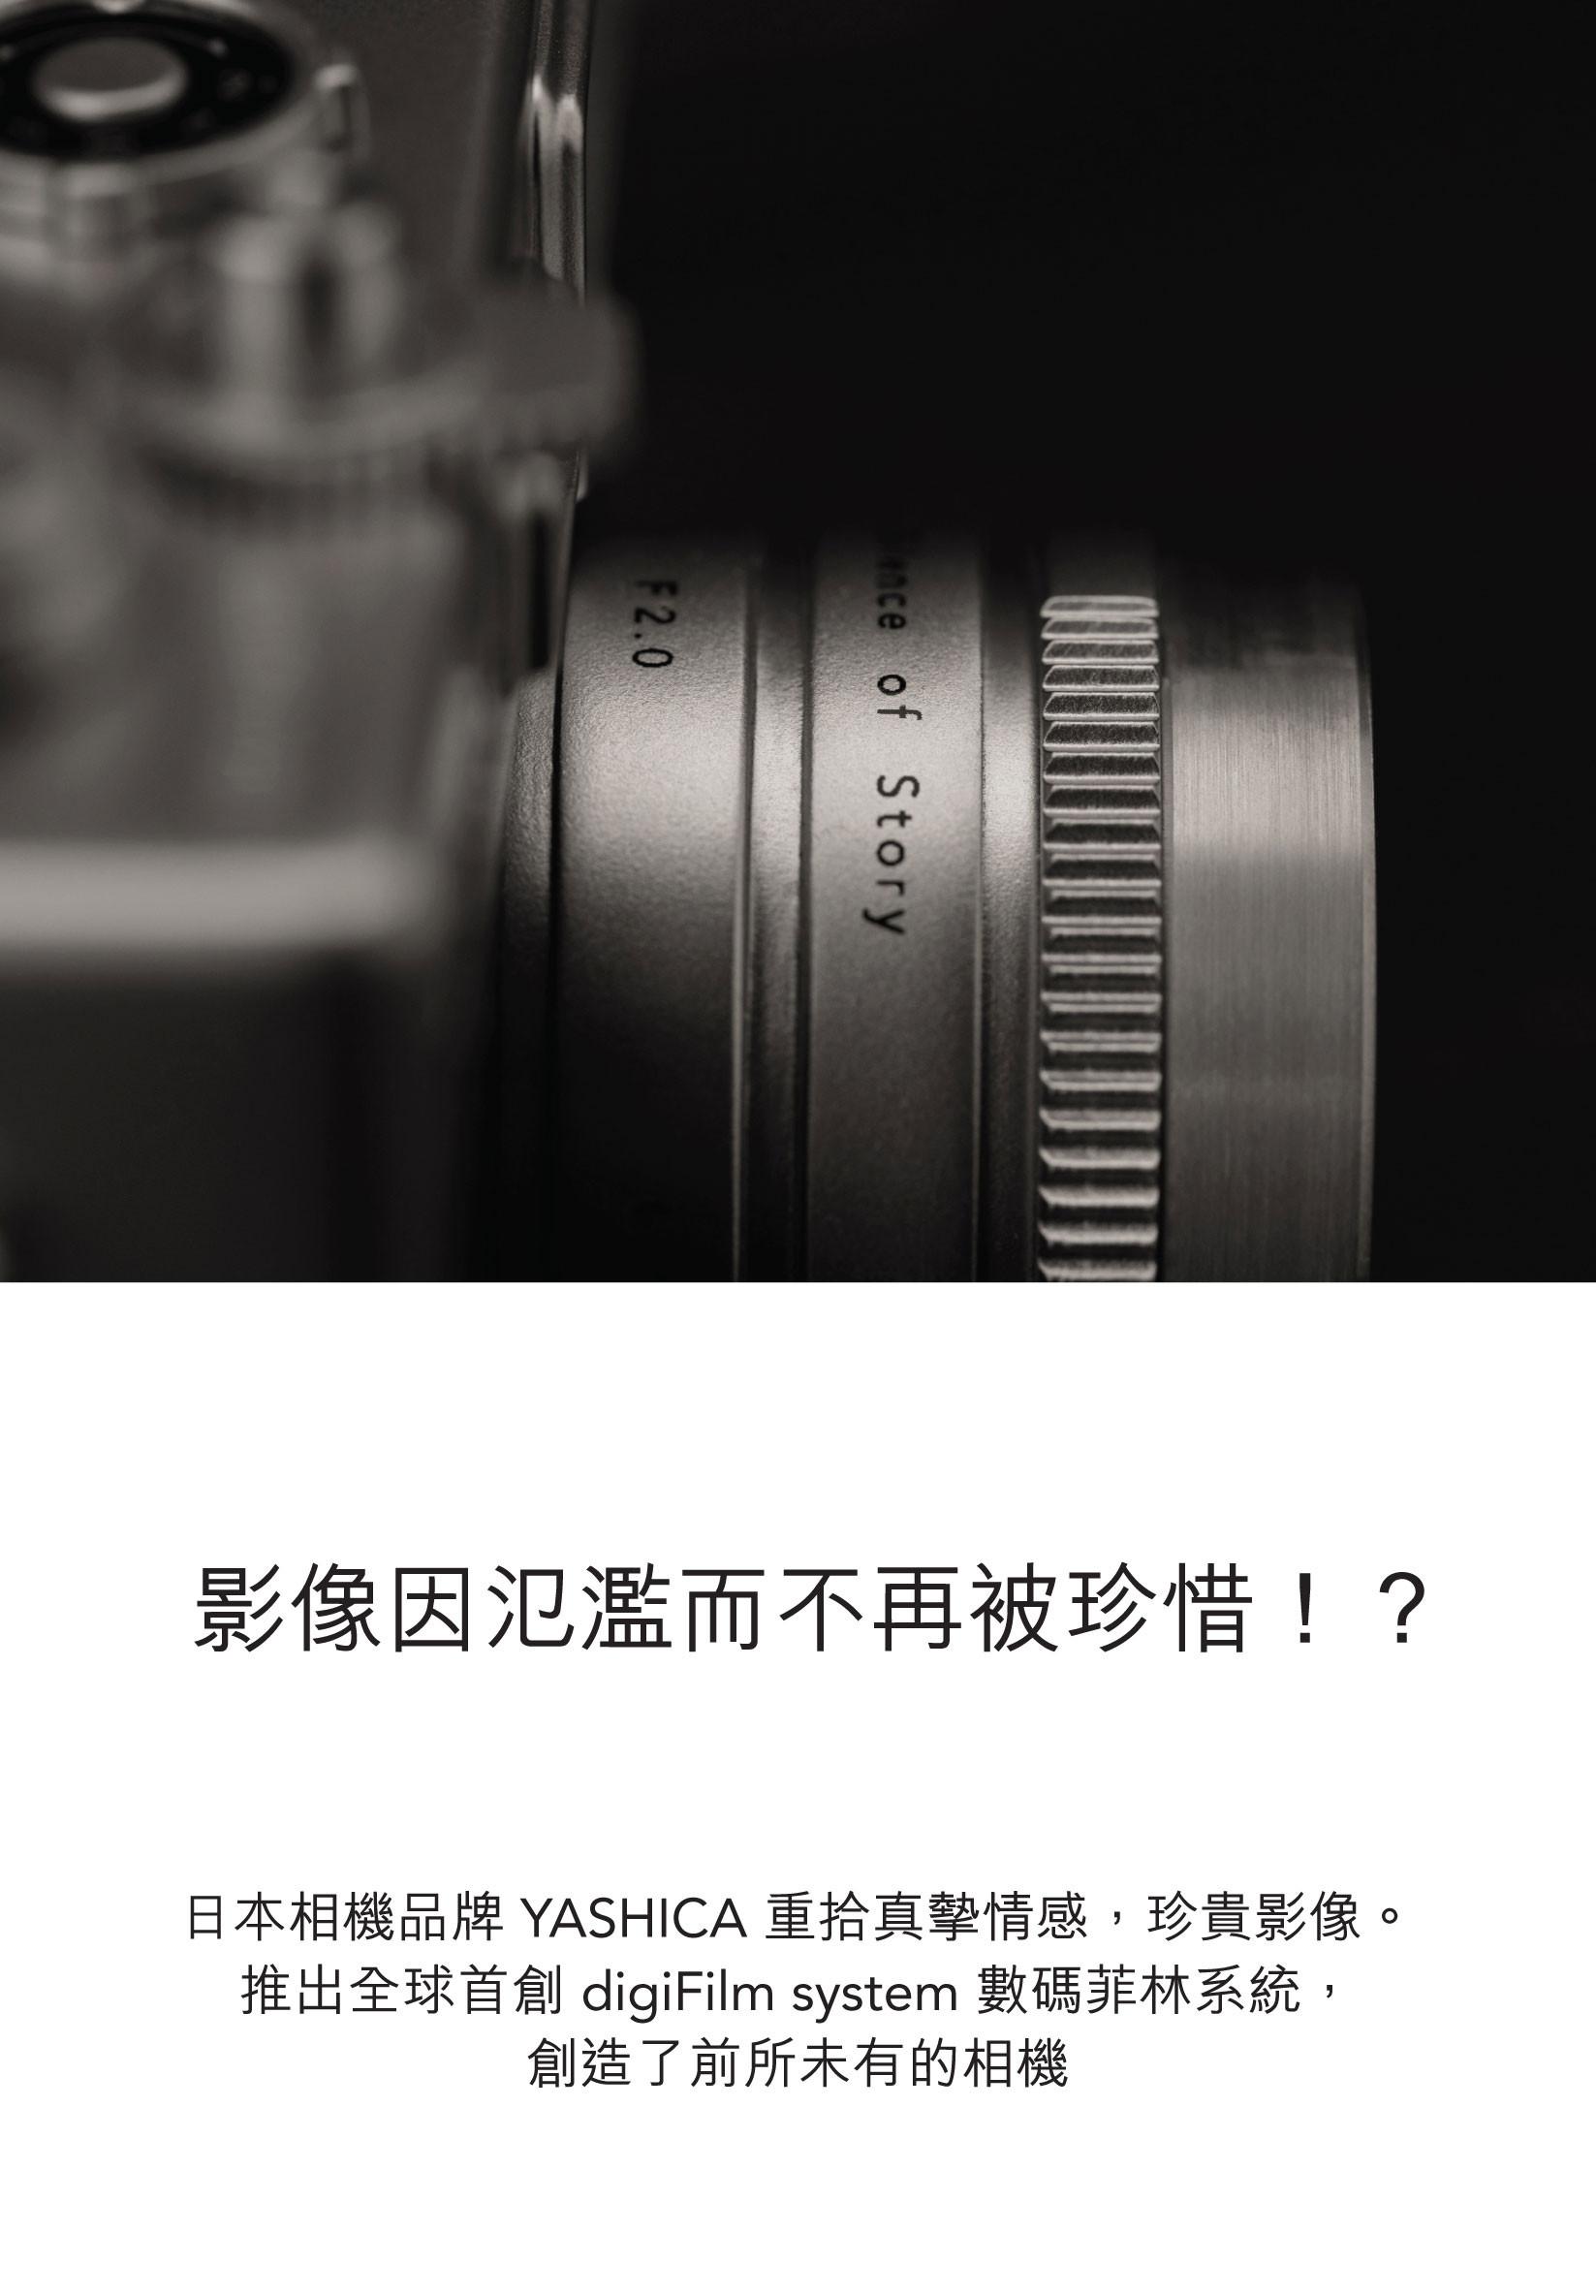 JD-Y35-HK_part-1-07.jpg